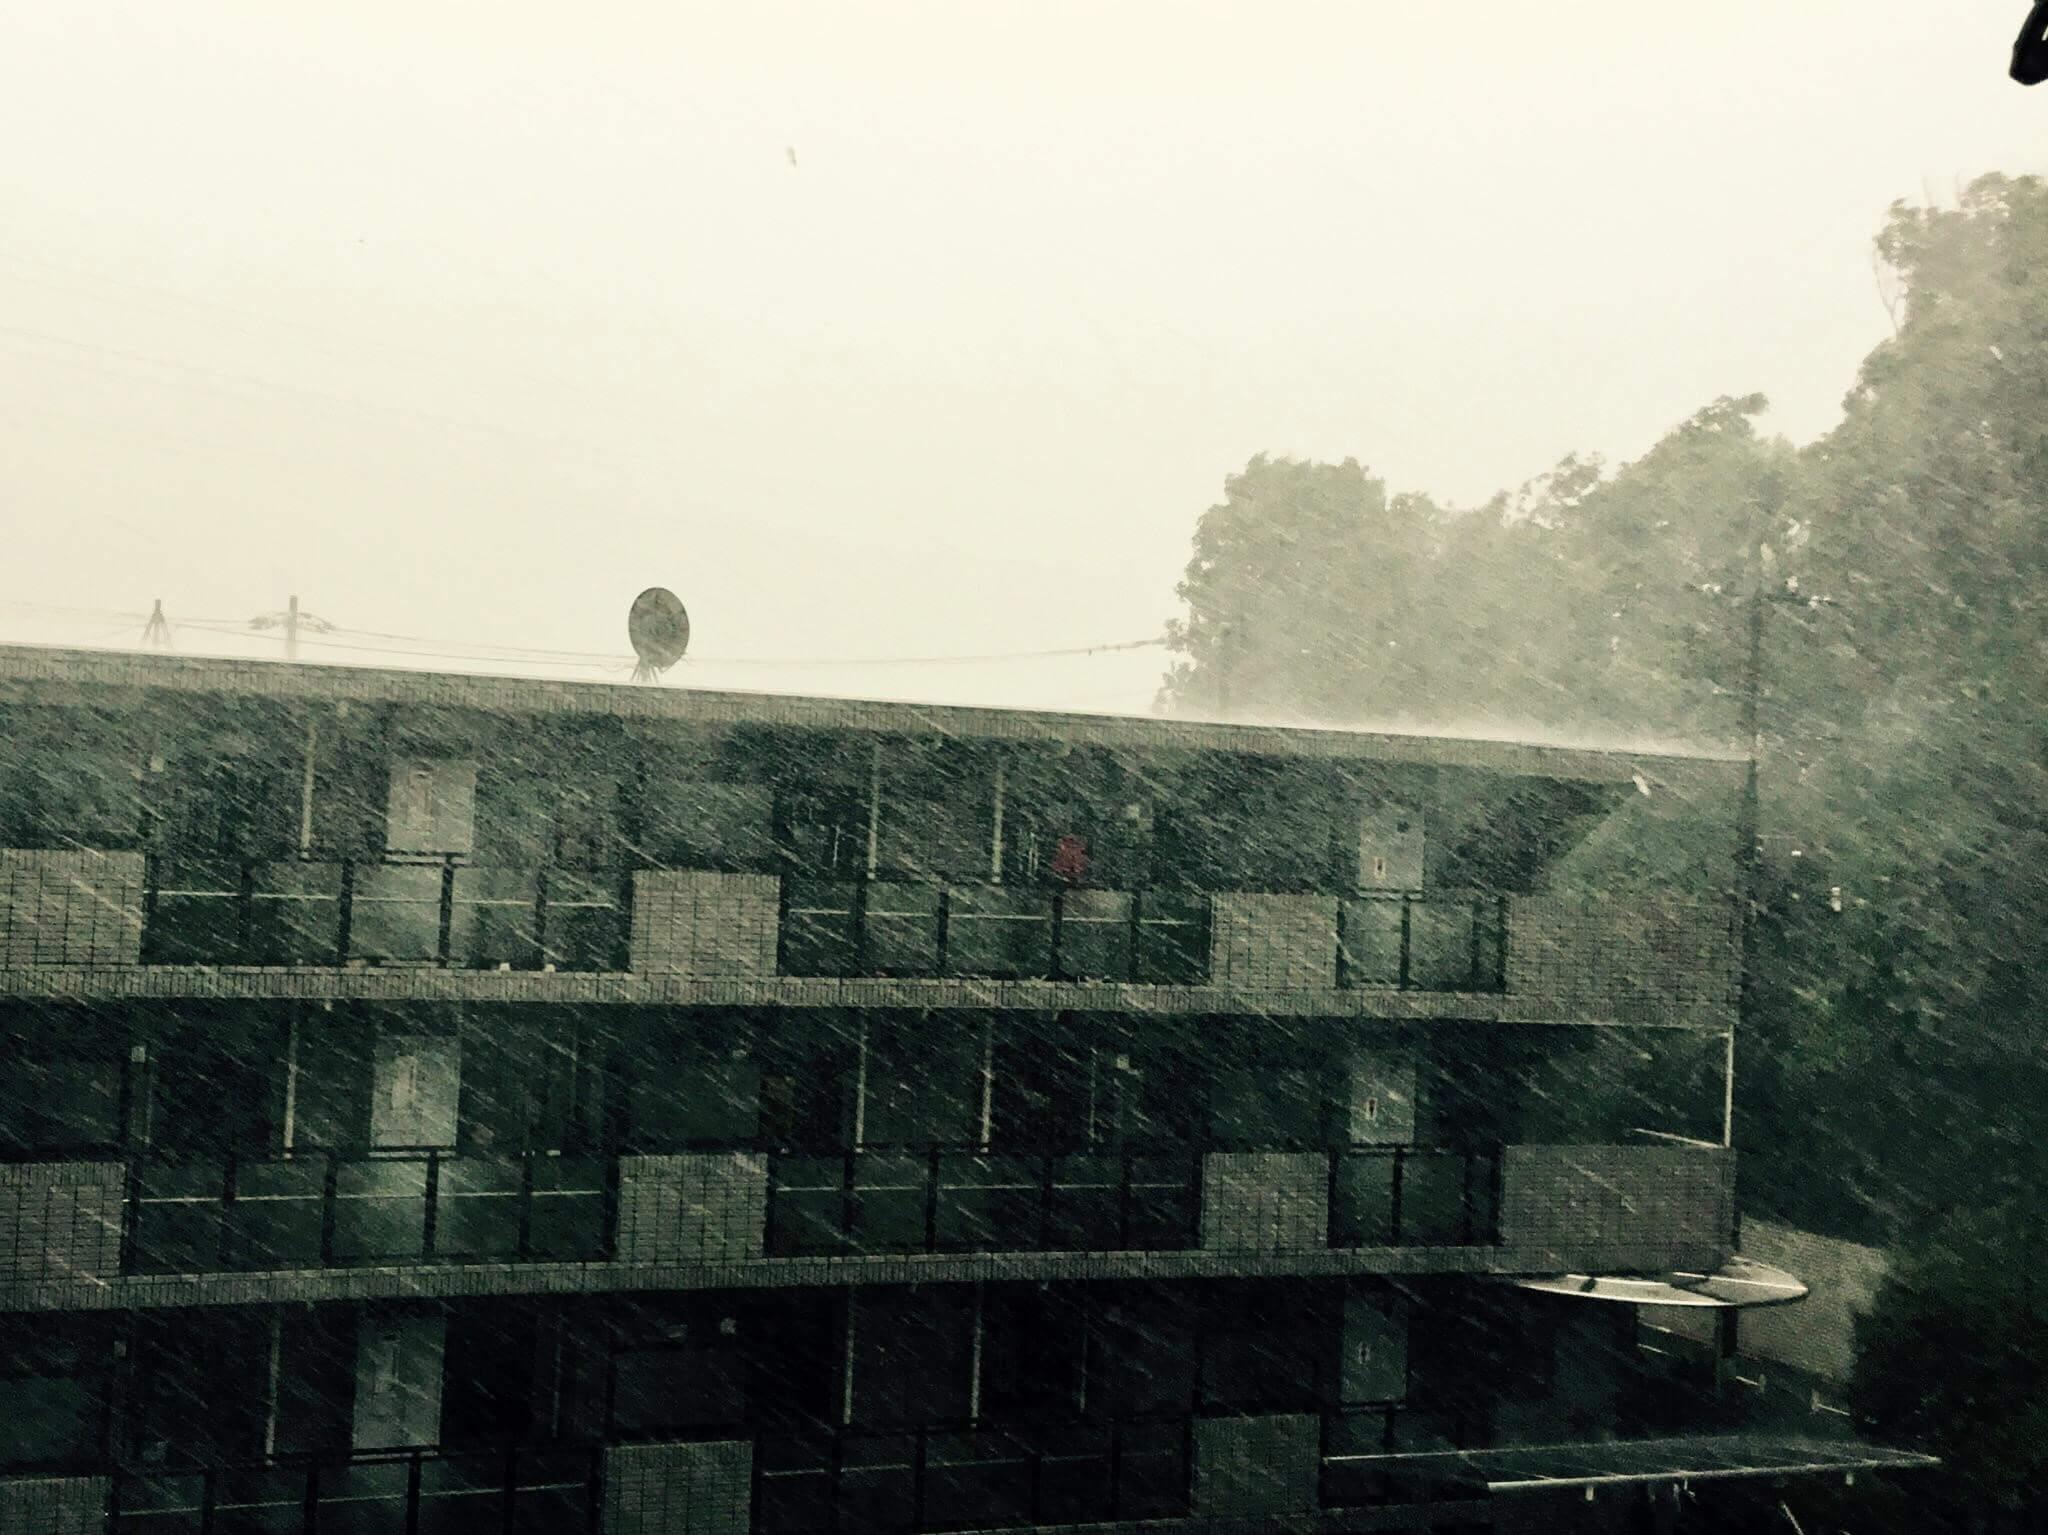 台風で発生する雨漏りの隠れた危険性